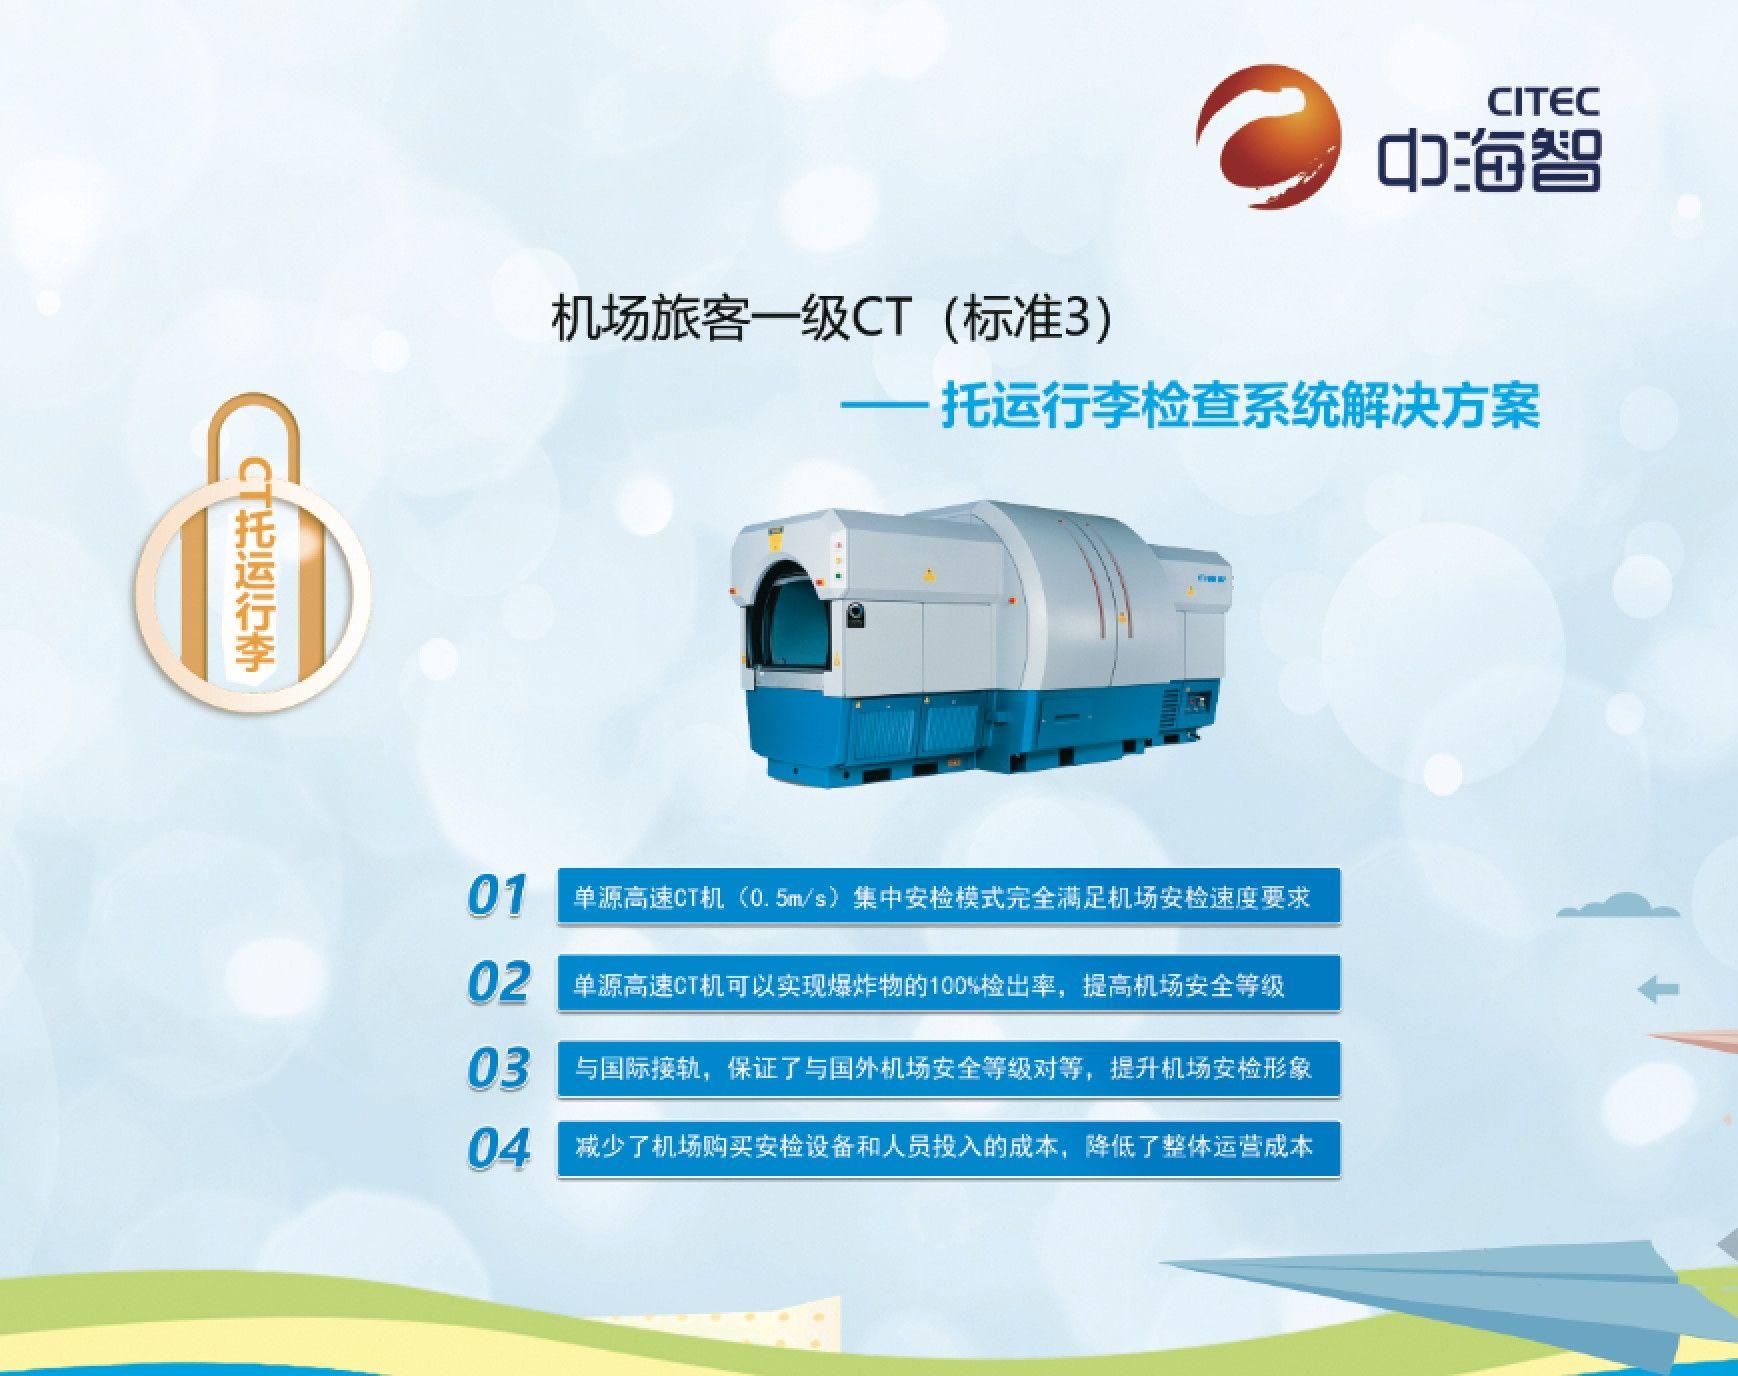 中海智公司携安检新产品亮相2019(首届) 全国民航安保科技展 中海智供图